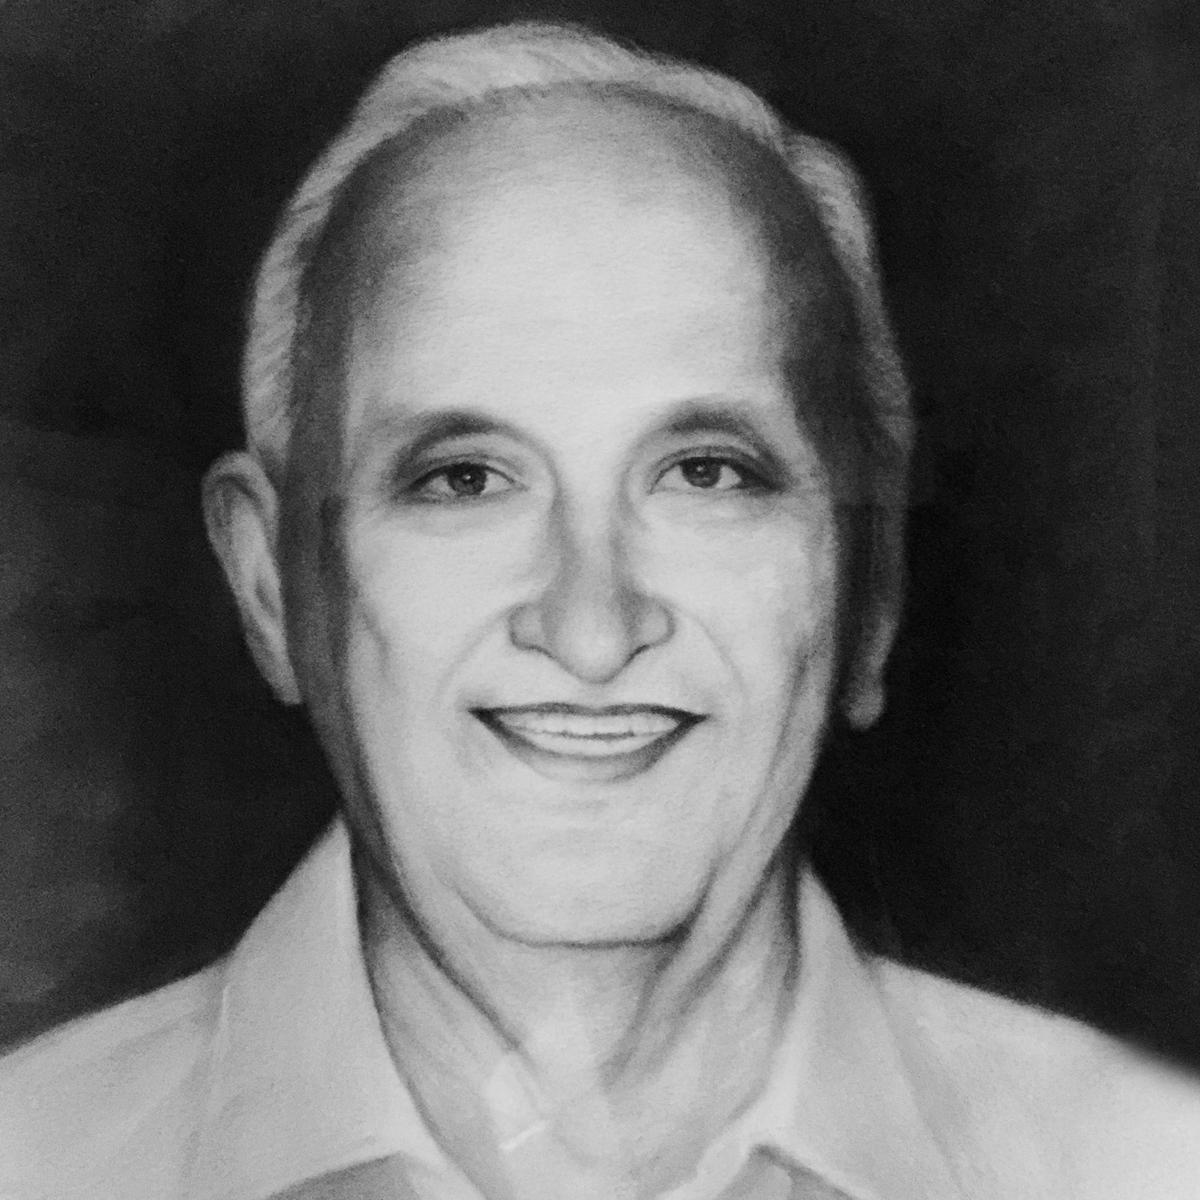 Ramon Aboitiz